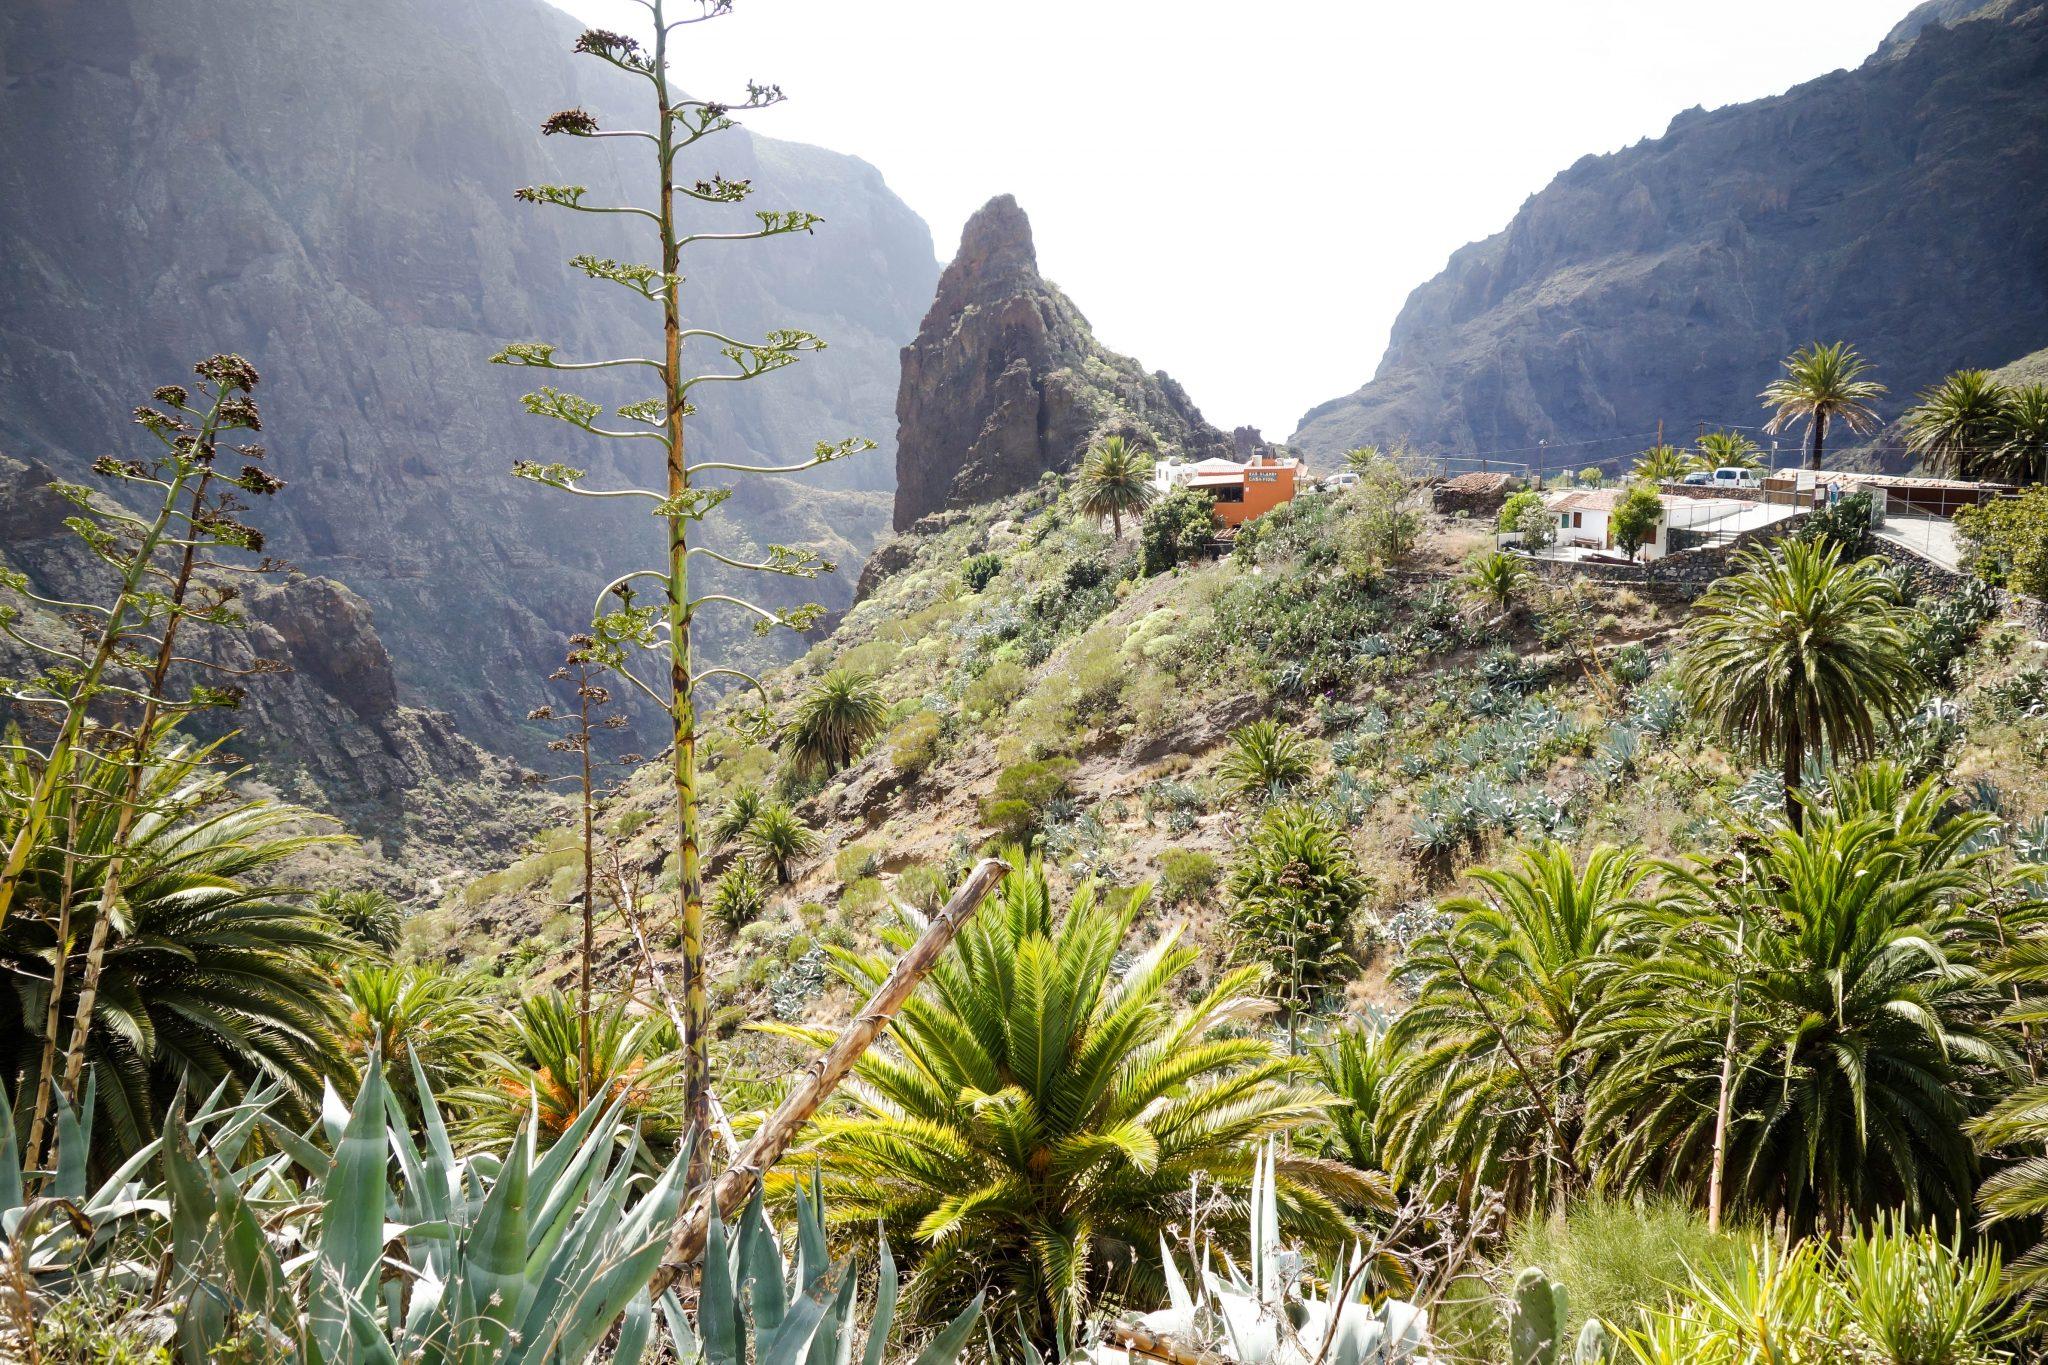 Teneriffa, Masca: Das winzige Bergdorf liegt mitten zwischen Felsen